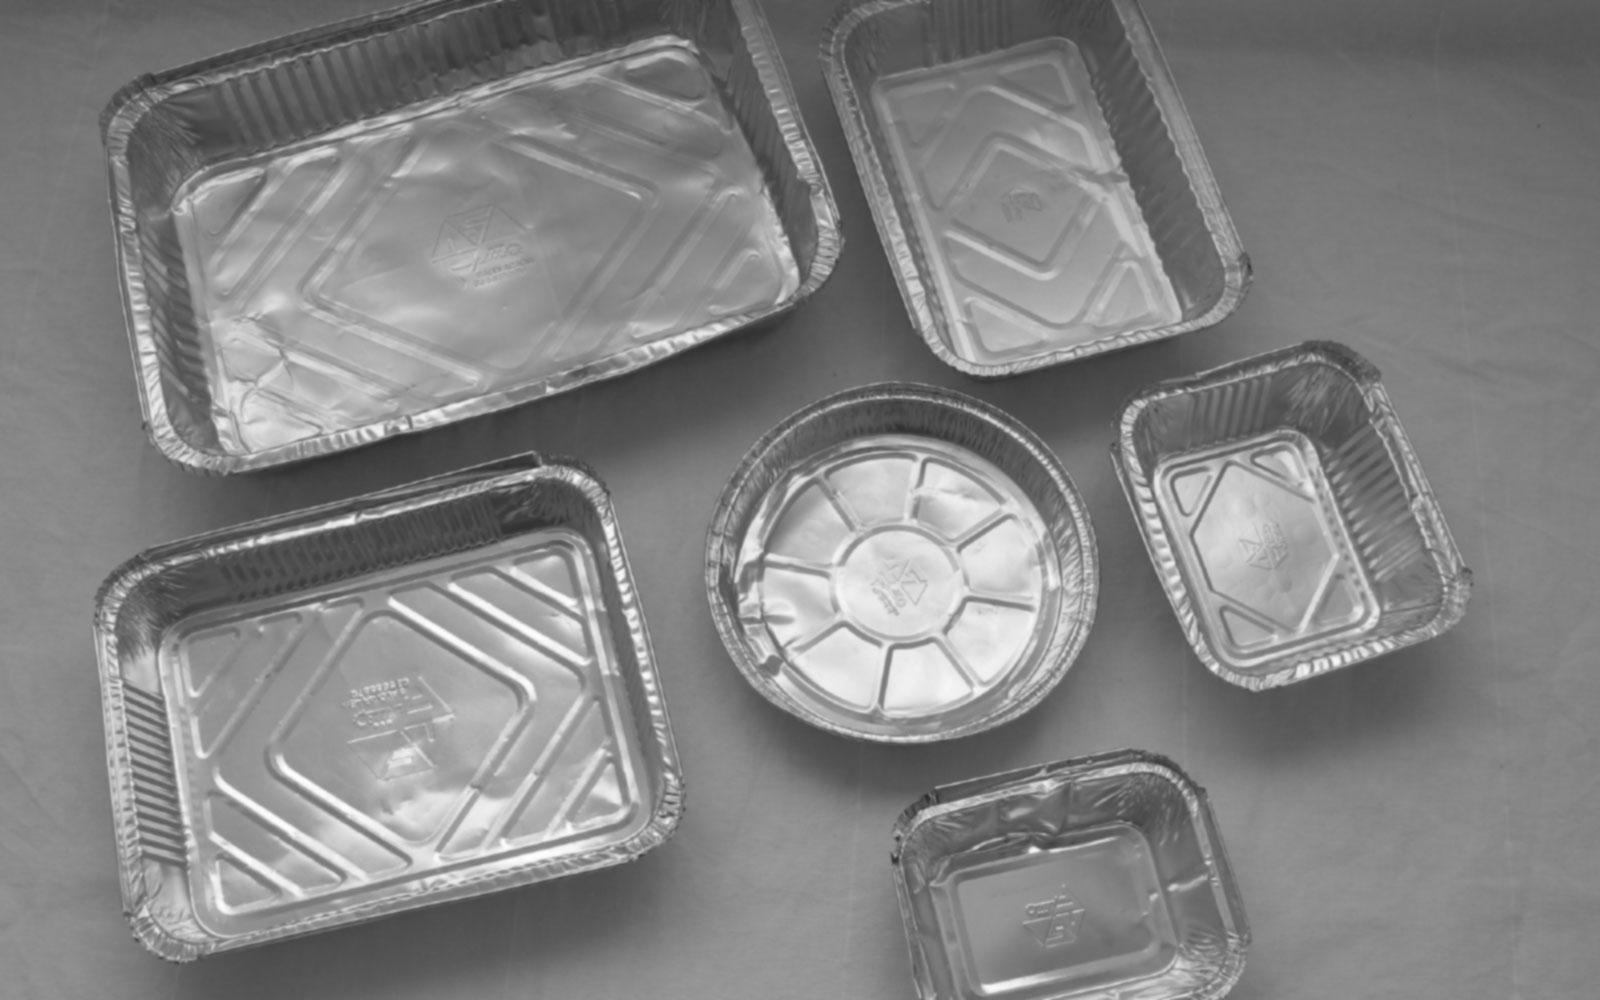 Alamuniom Foil & Container